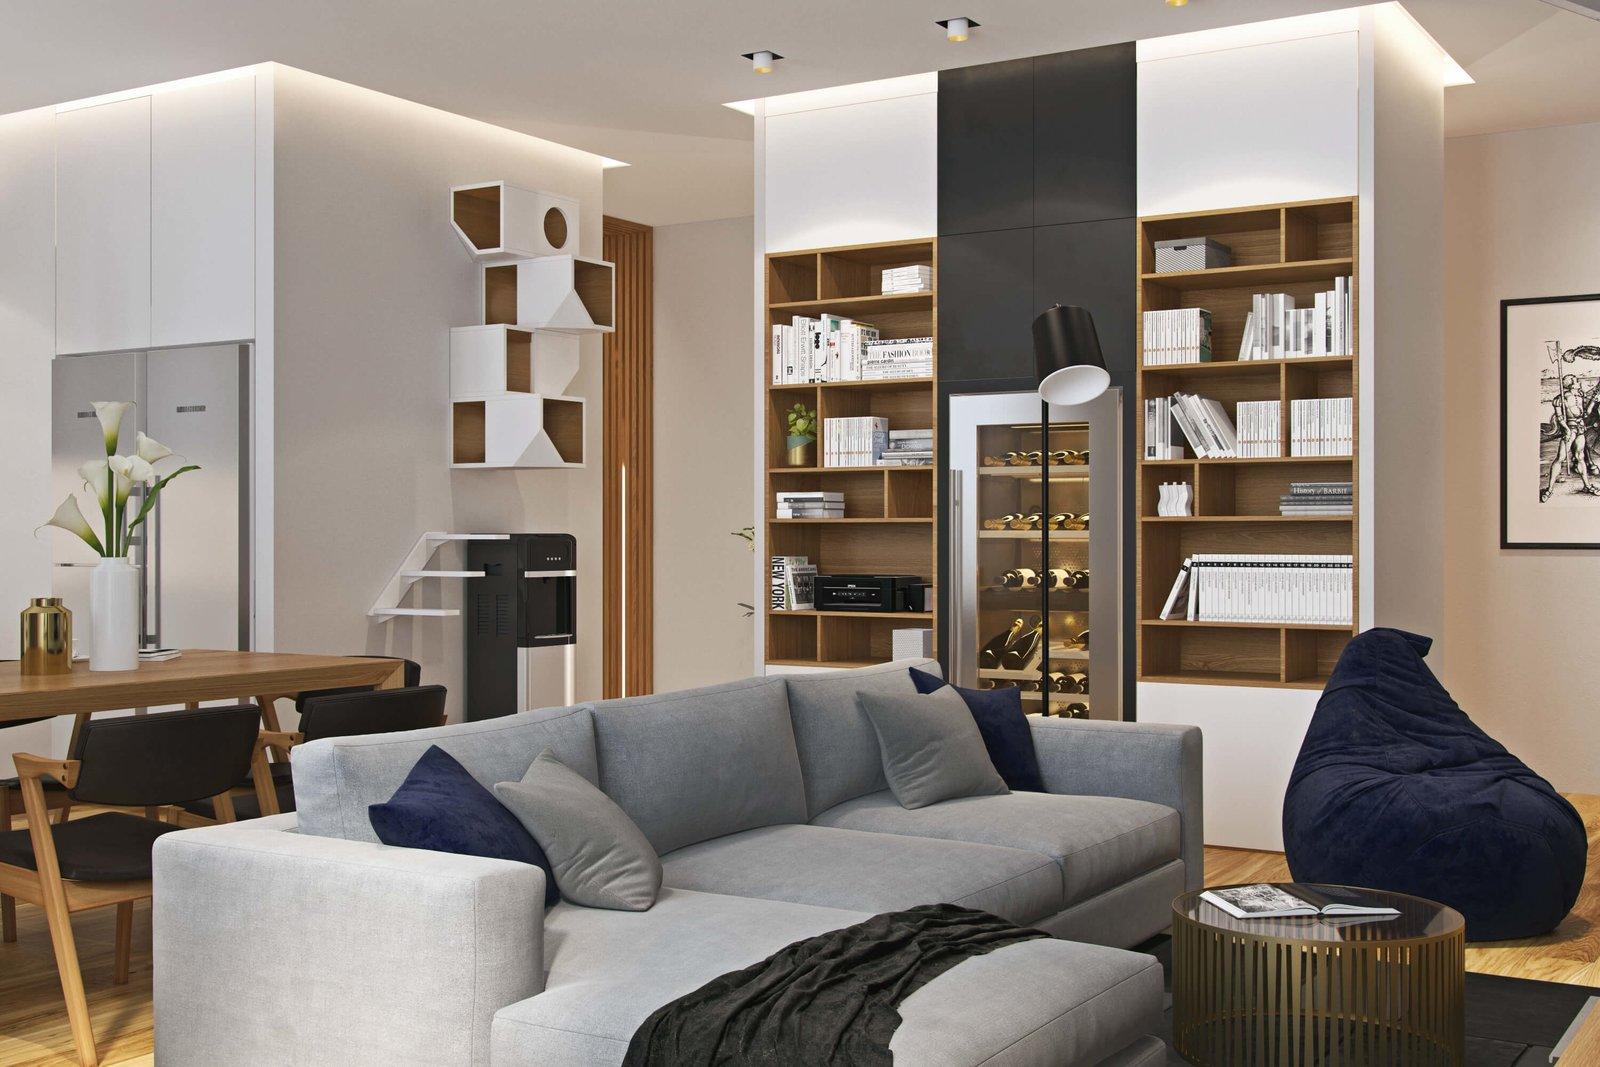 110㎡现代风公寓书柜装修效果图